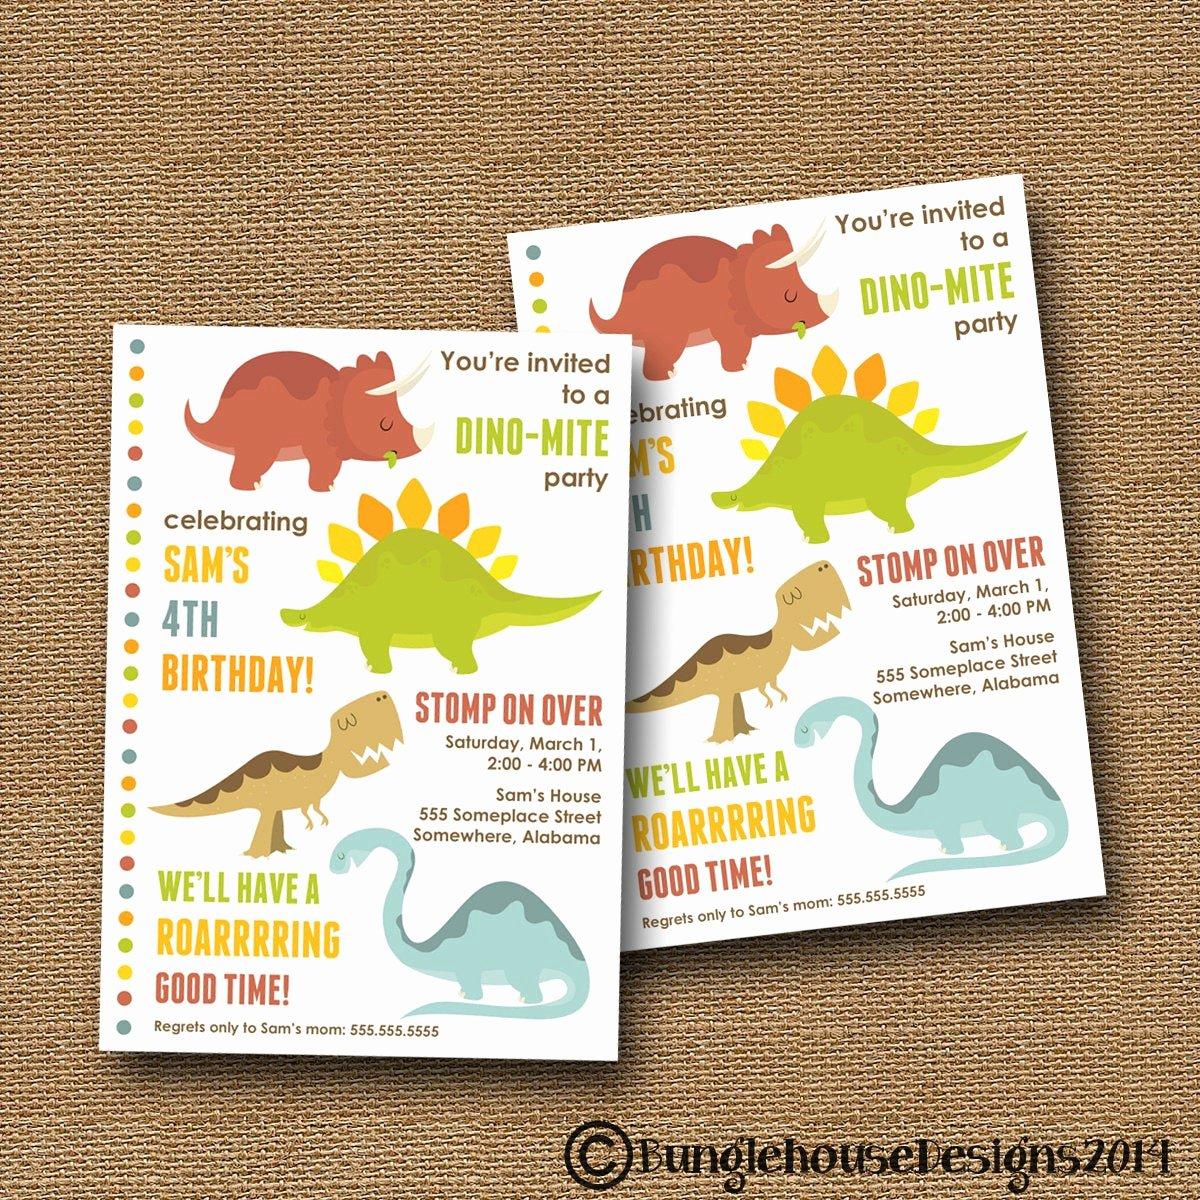 Dinosaur Birthday Invitations Free Elegant Dinosaur Birthday Invitation Cute Dinosaur Invitation Boys